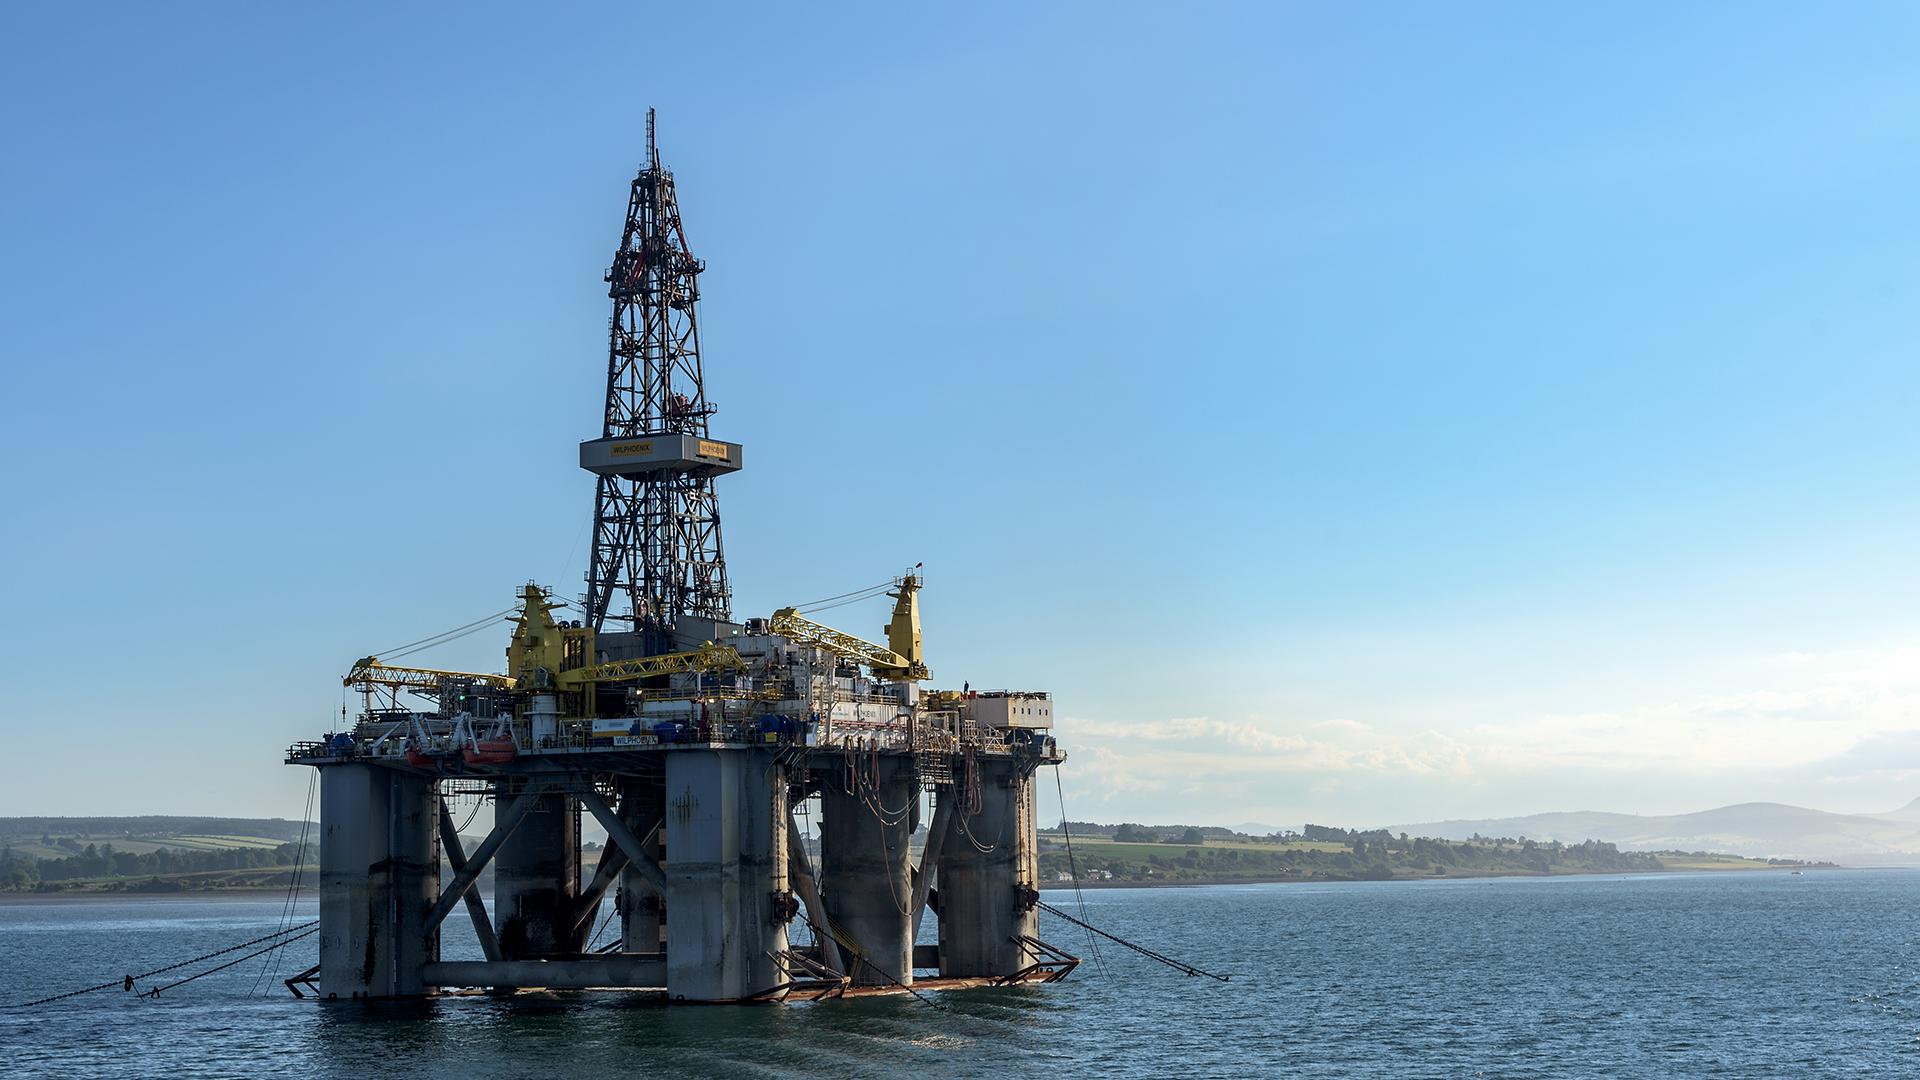 Indústria de óleo e gás: o que torna o tratamento de água fundamental